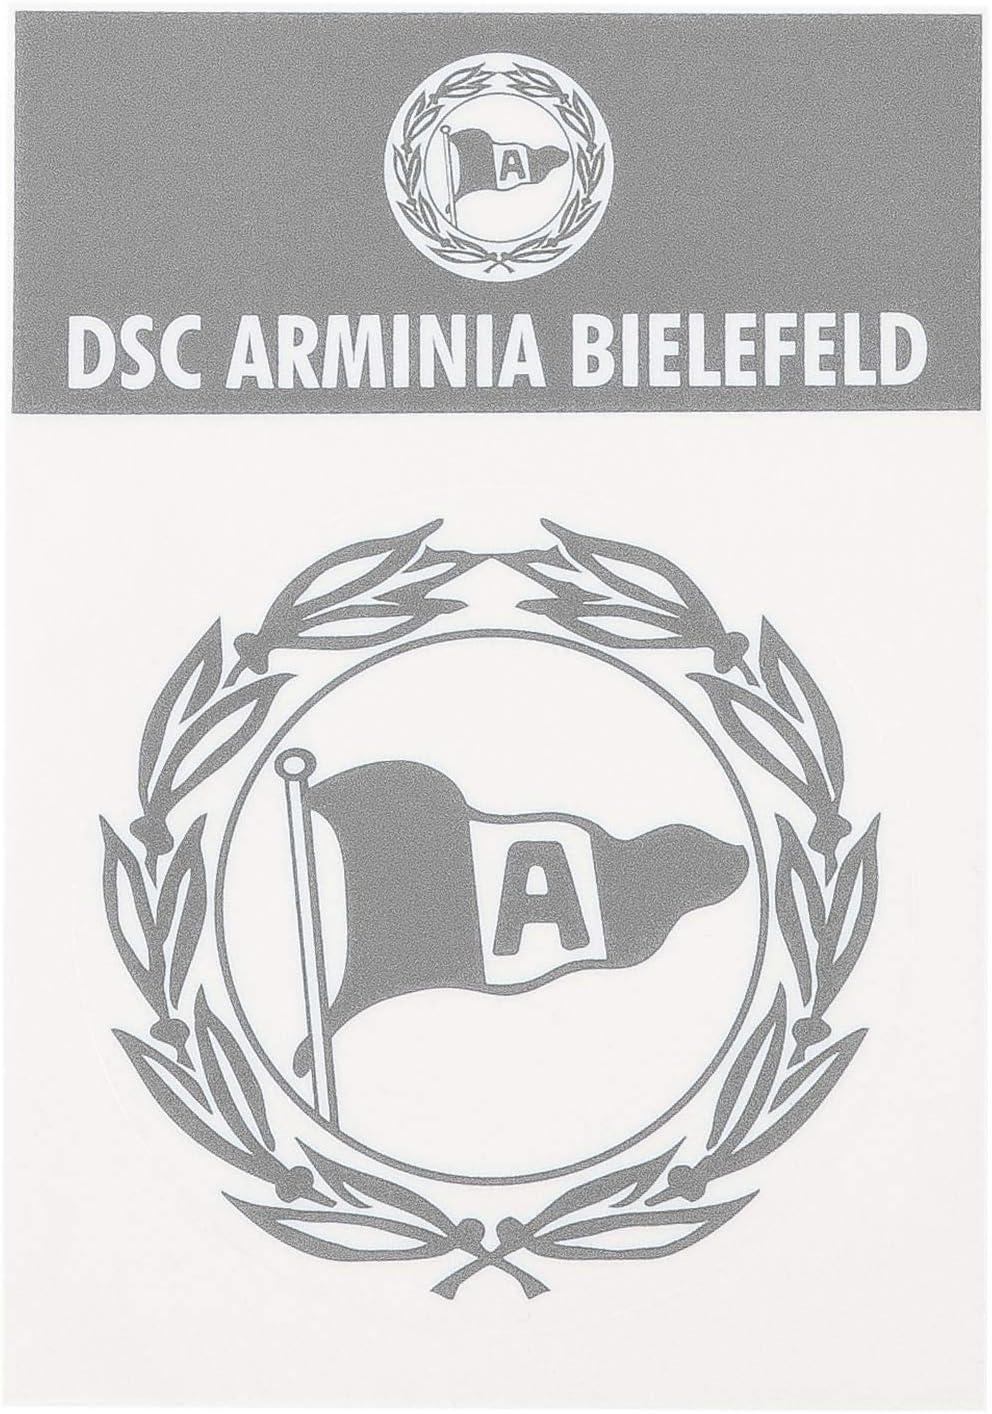 DSC ARMINIA BIELEFELD Kennzeichenhalter Niemand erobert den Teutoburger Wald